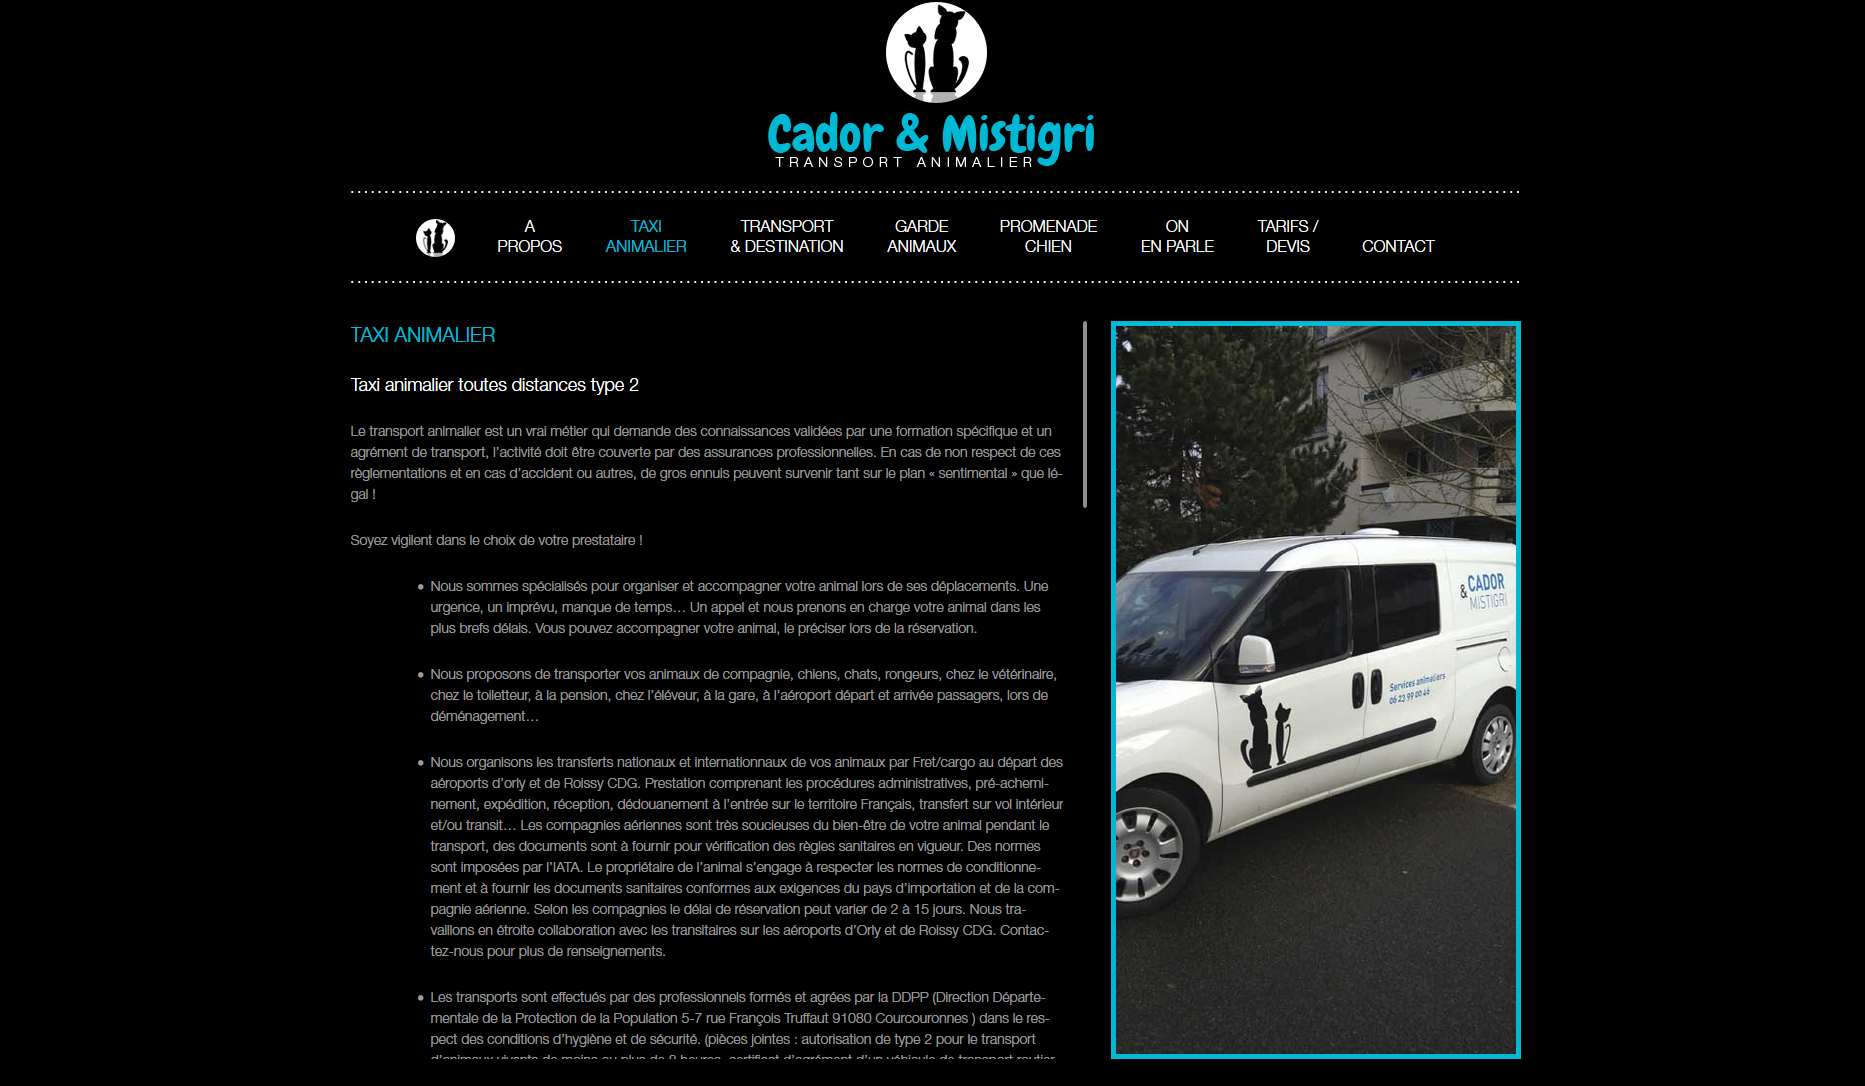 La fourgonnette «Cador et Mistigri» s'occupe de transporter les chats ainsi que les chiens domestiques.